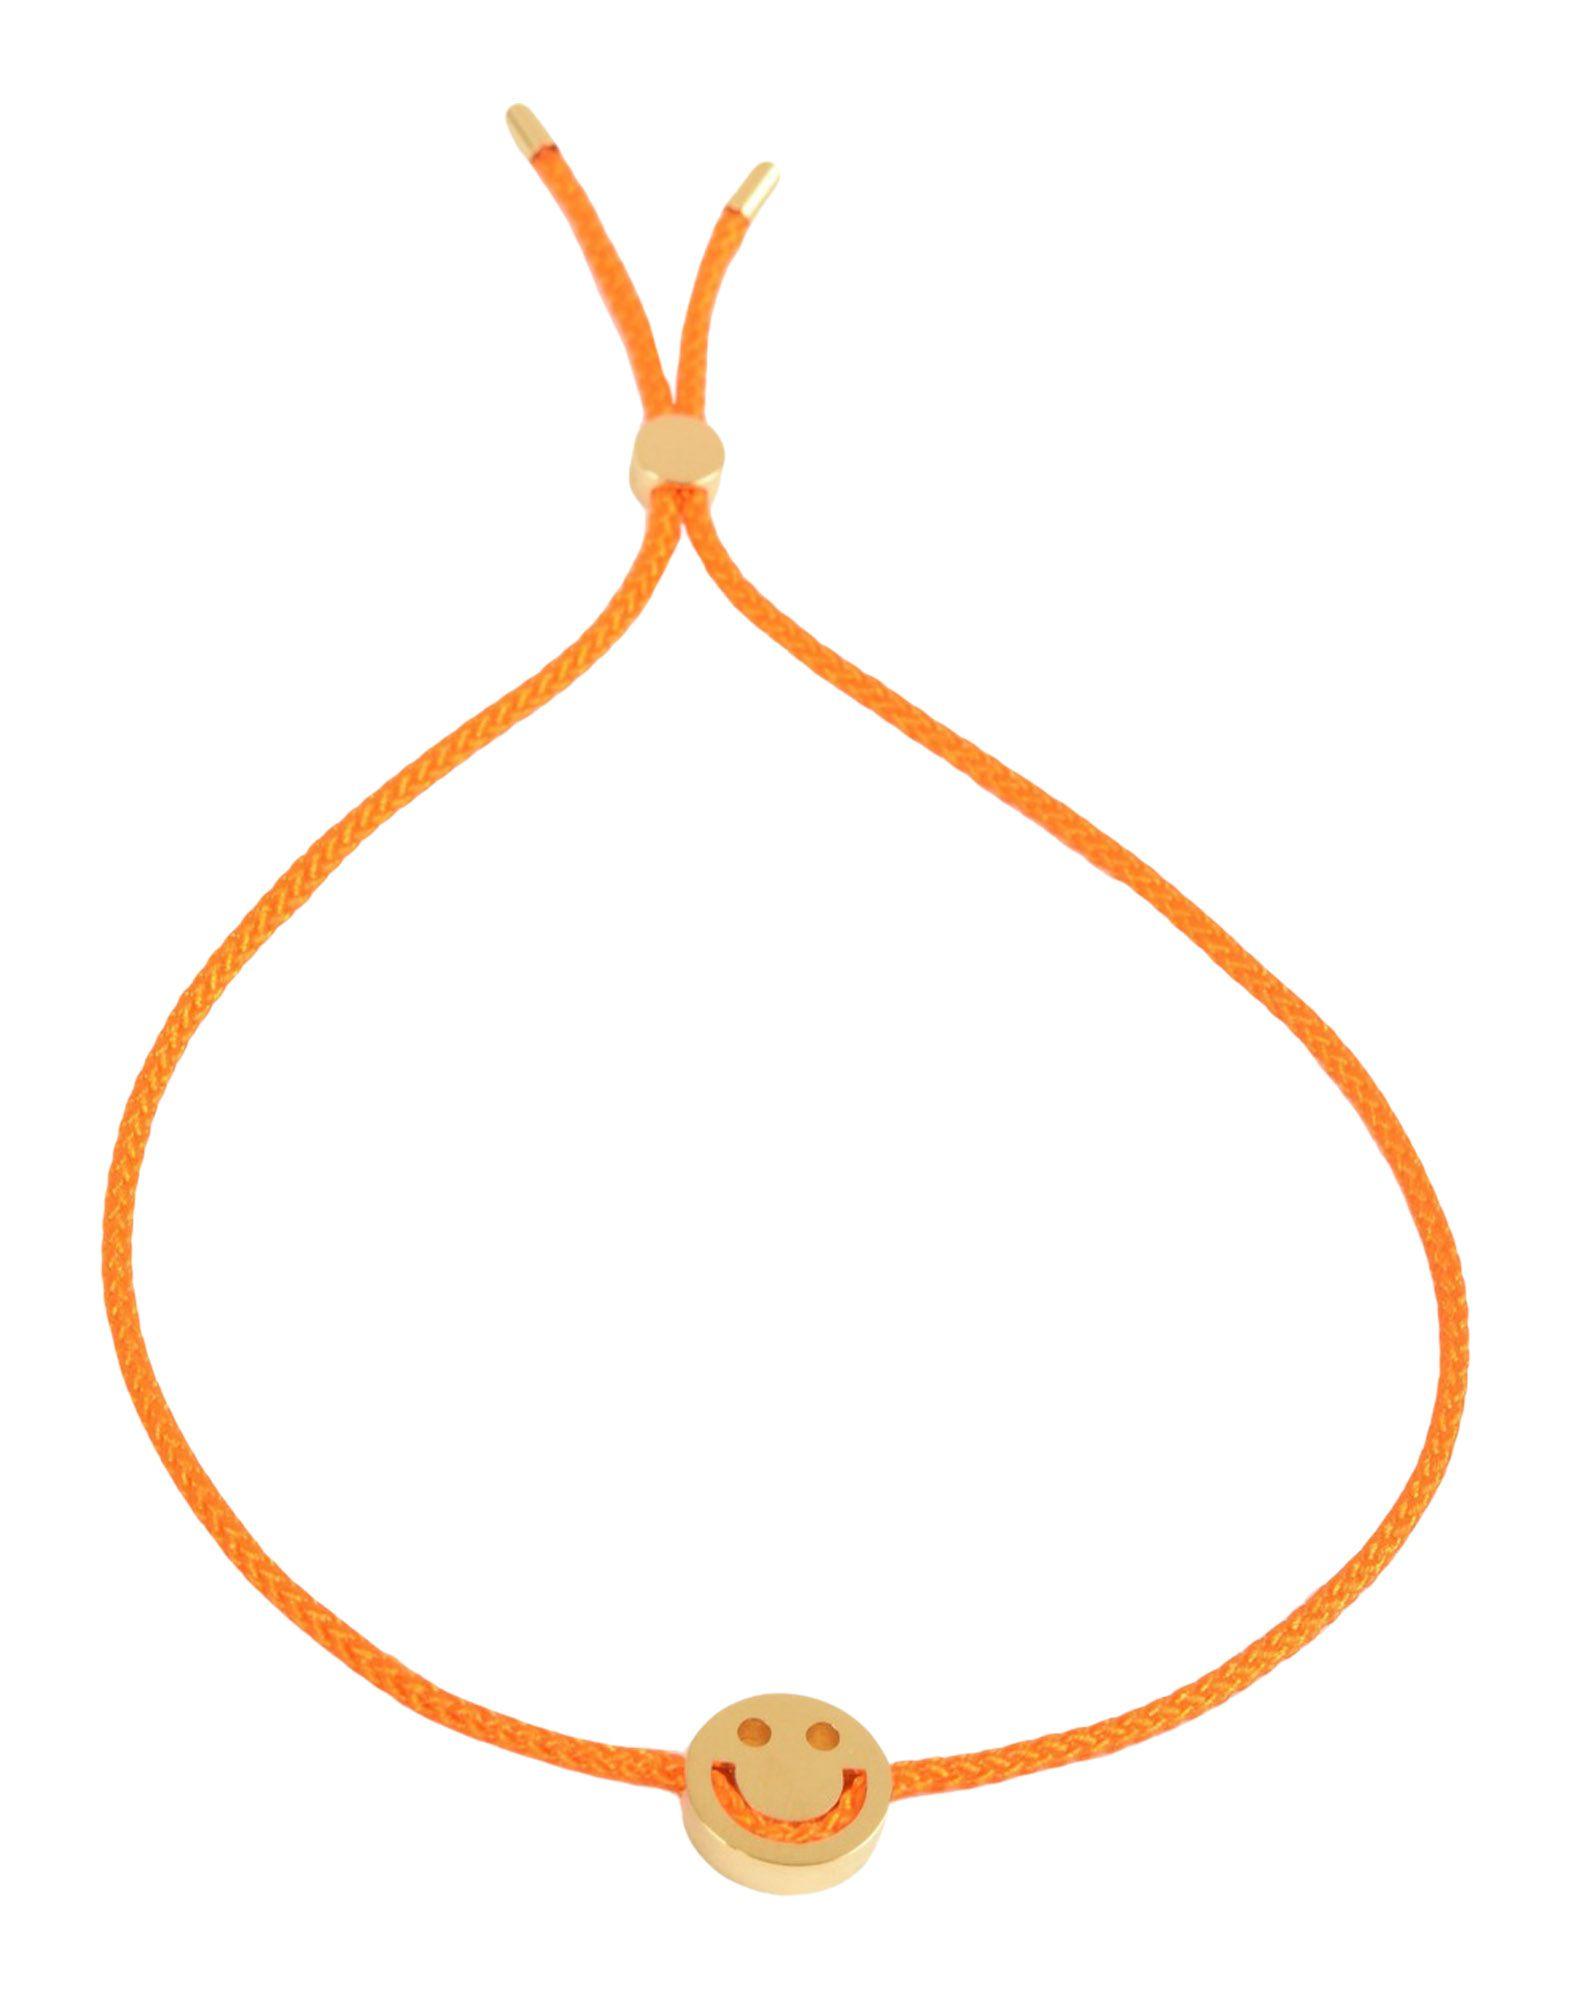 RUIFIER Bracelet in Orange